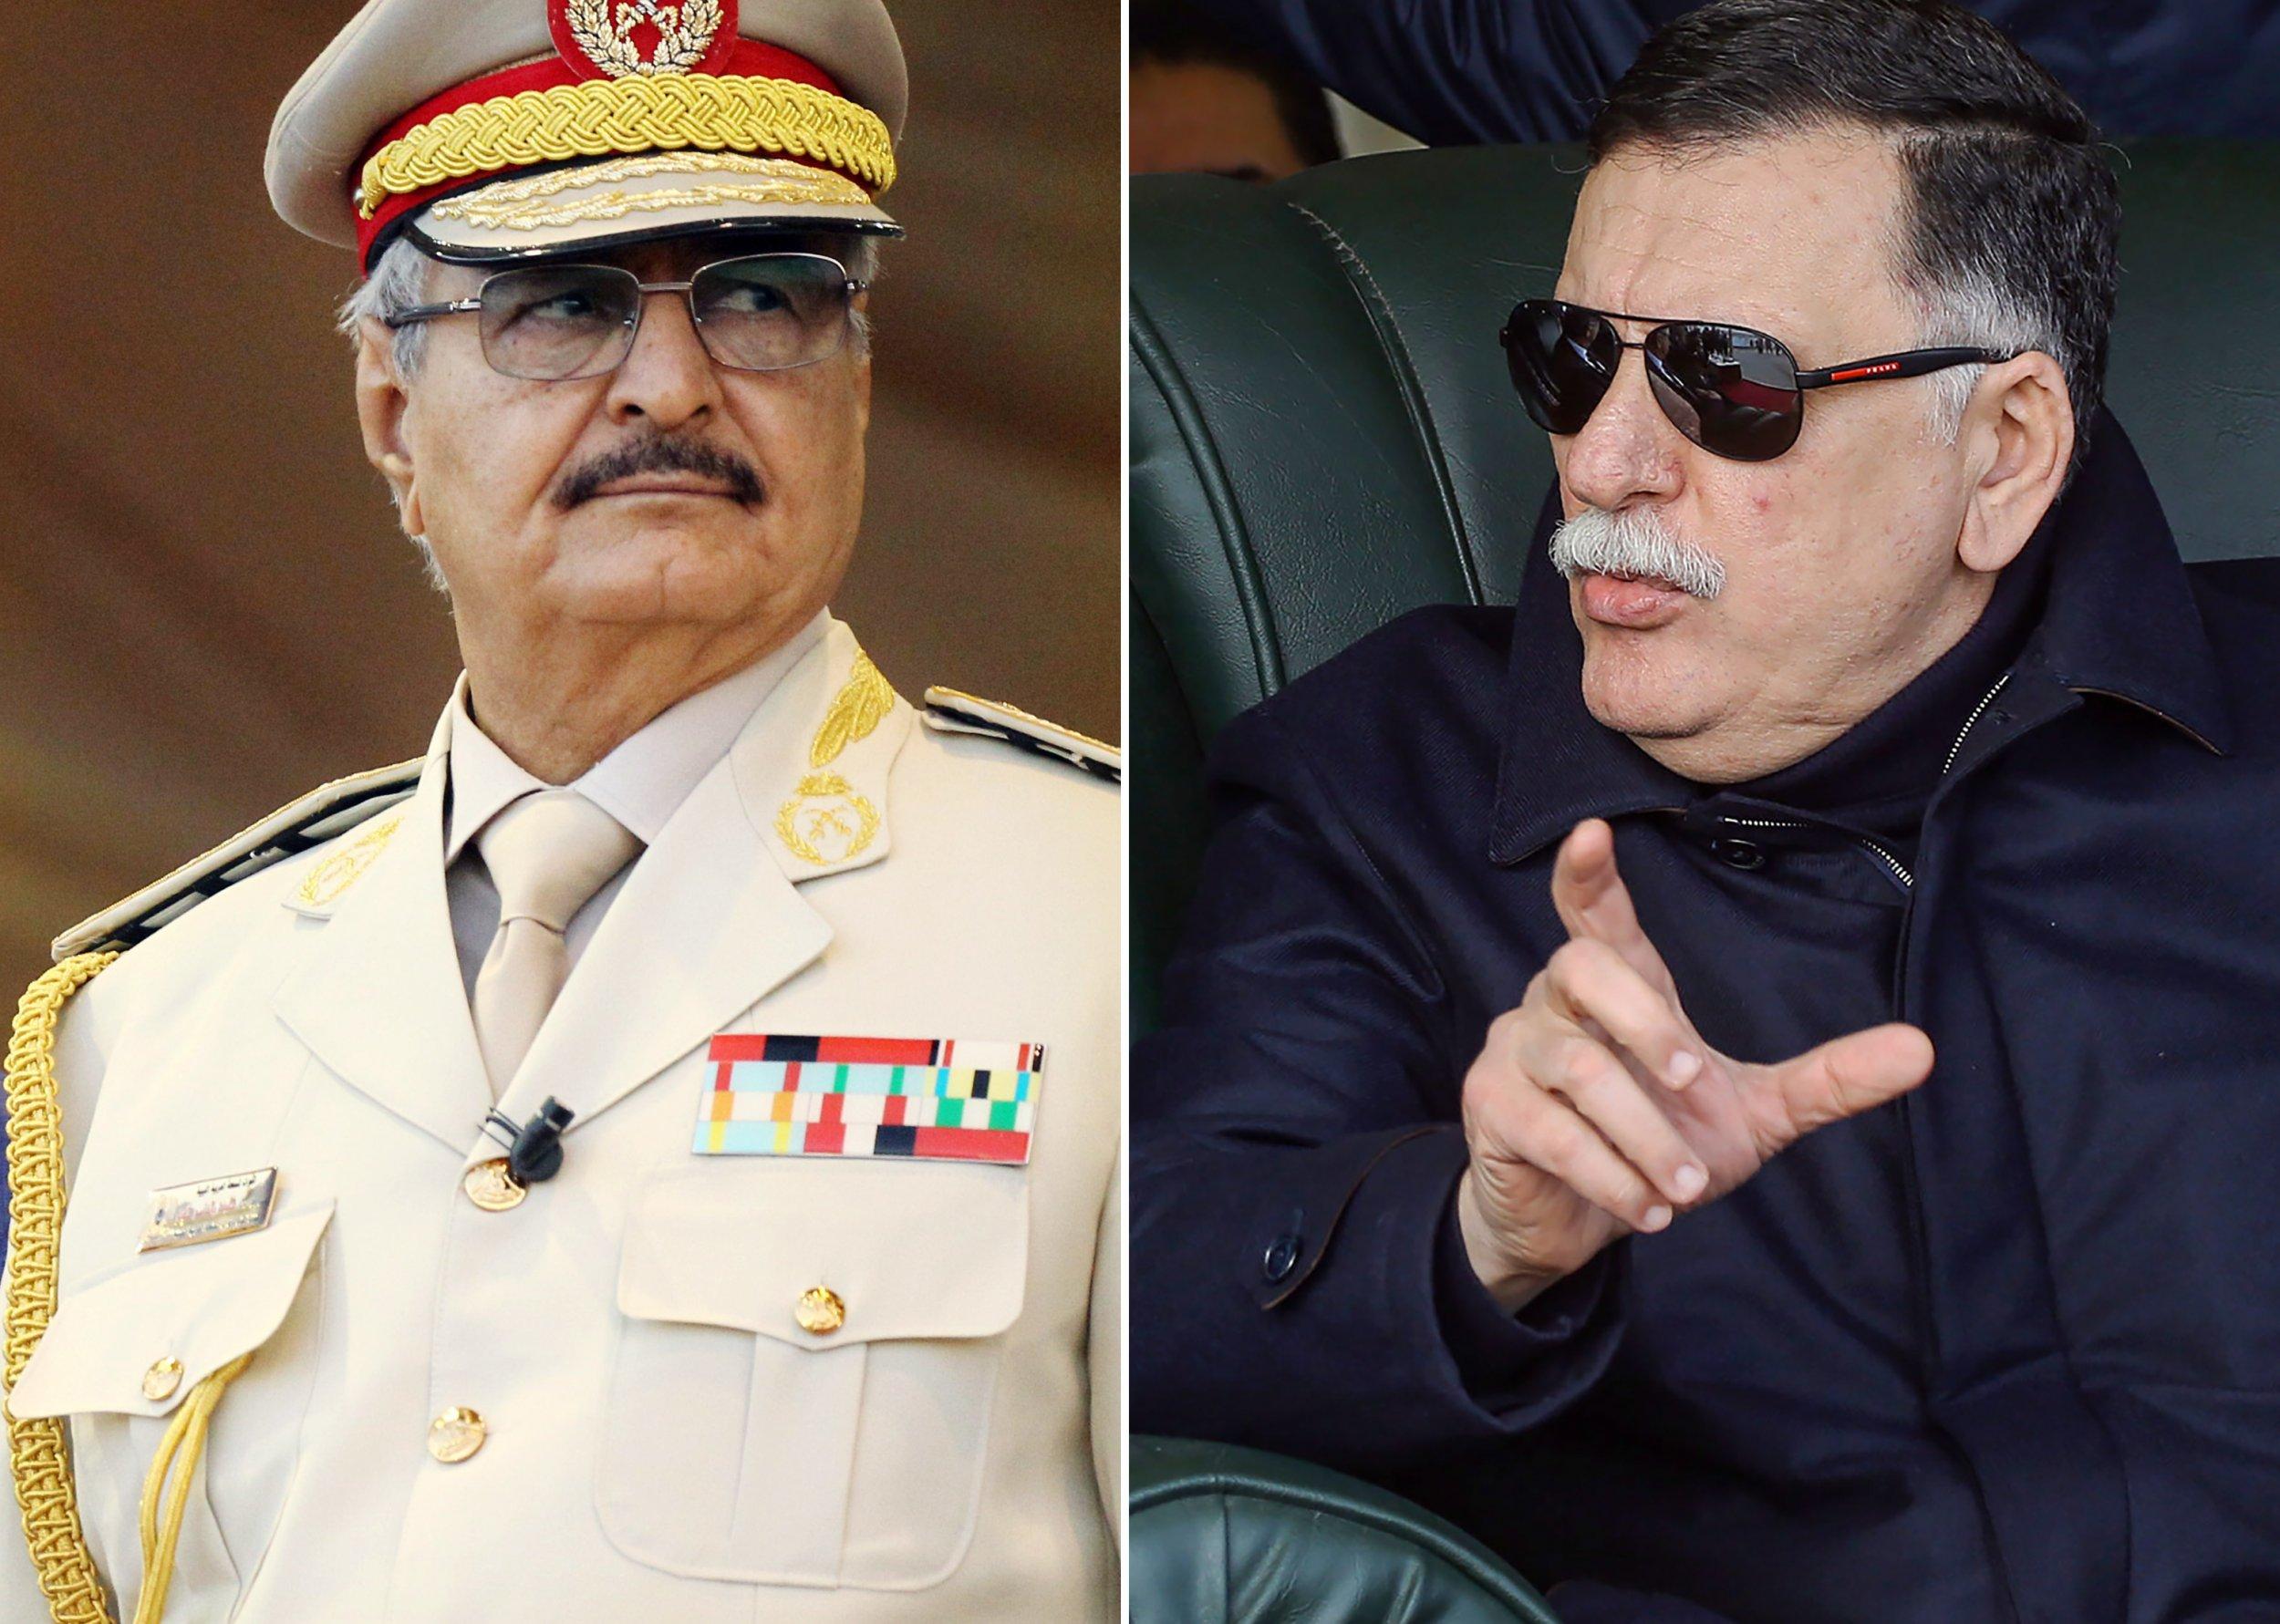 libya, general, U.S., world, haftar, army